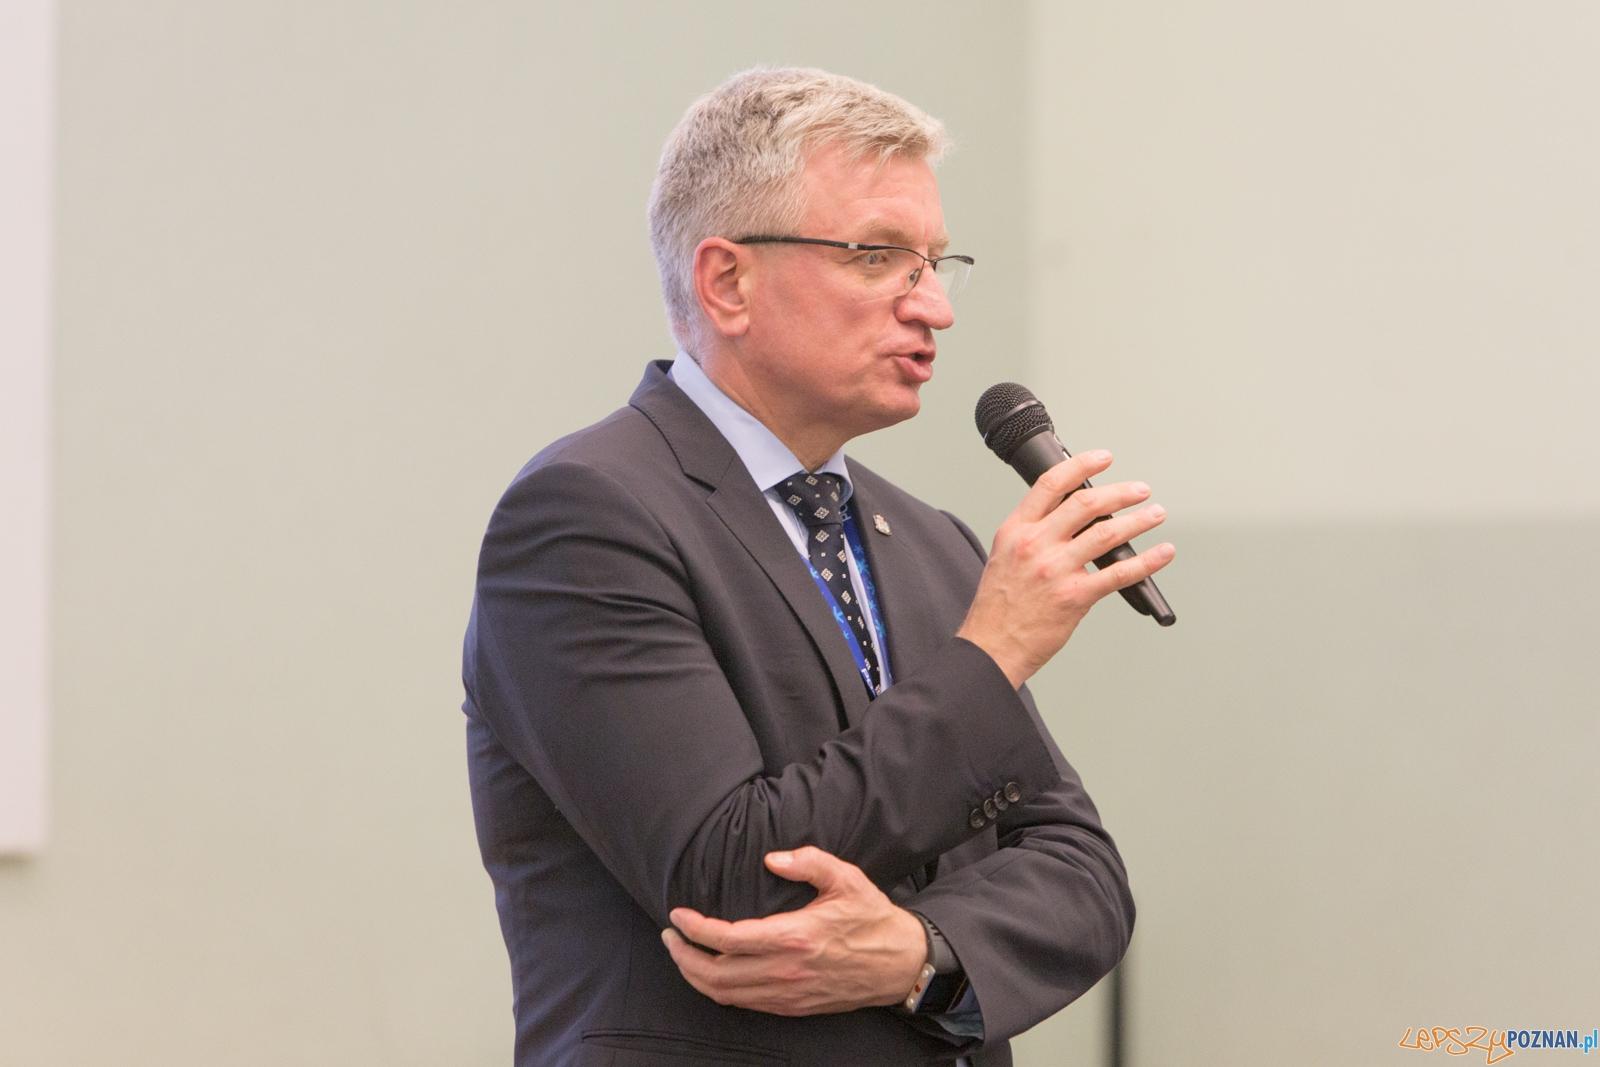 Spotkanie Prezydenta Jaśkowiaka z mieszkańcami Starego Miasta  Foto: lepszyPOZNAN.pl / Piotr Rychter